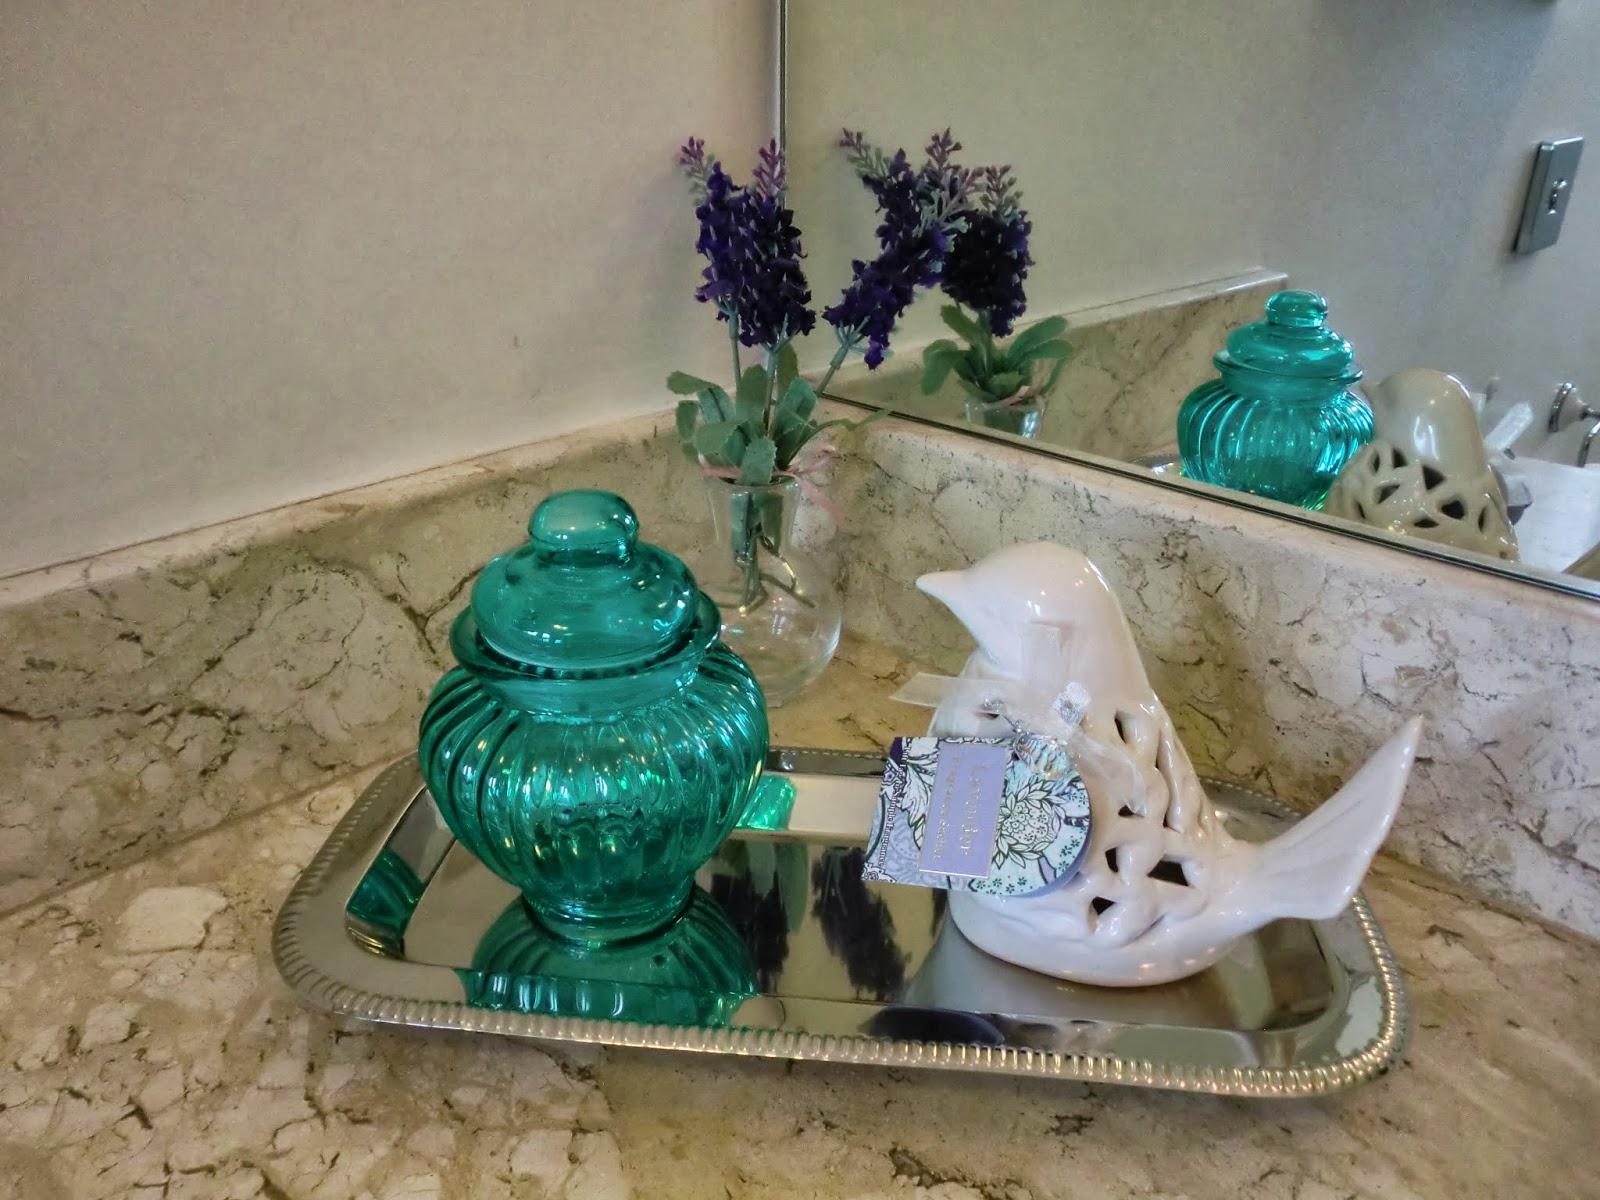 Lavabo chic bandeja decorada para banheiros Casa e Reforma #227C71 1600 1200